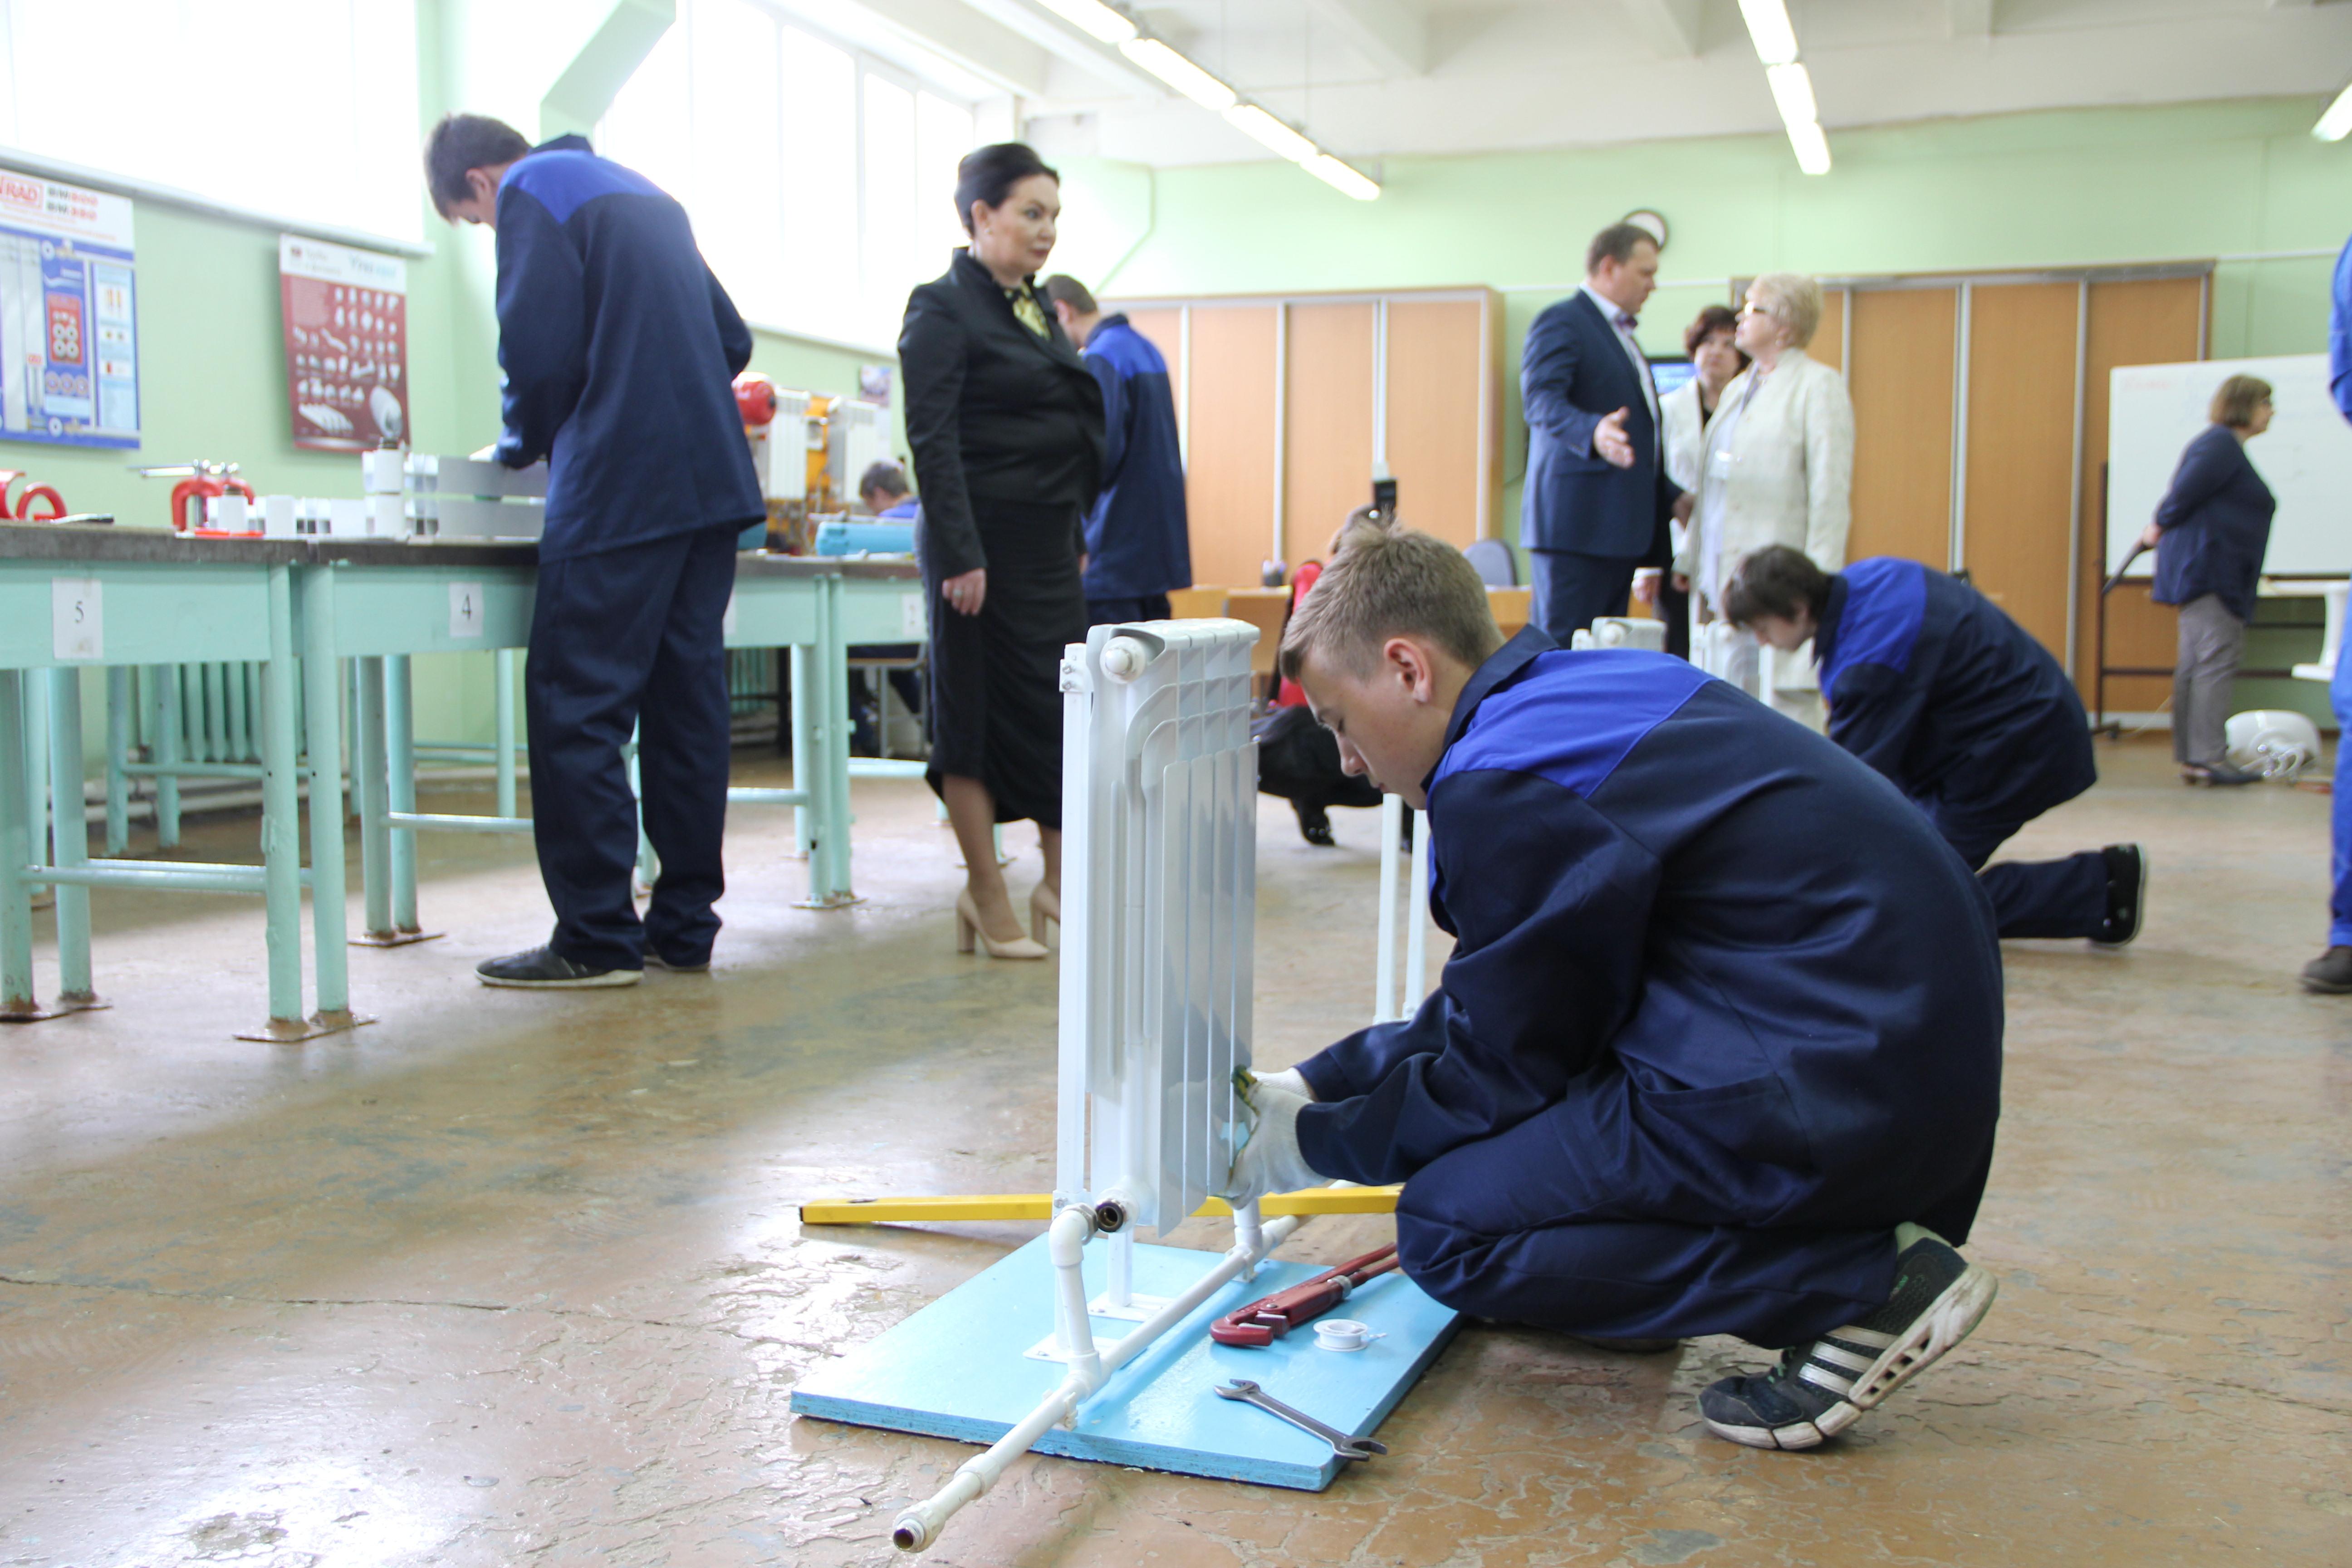 Центр профессиональной квалификации открылся в Вологодском строительном колледже